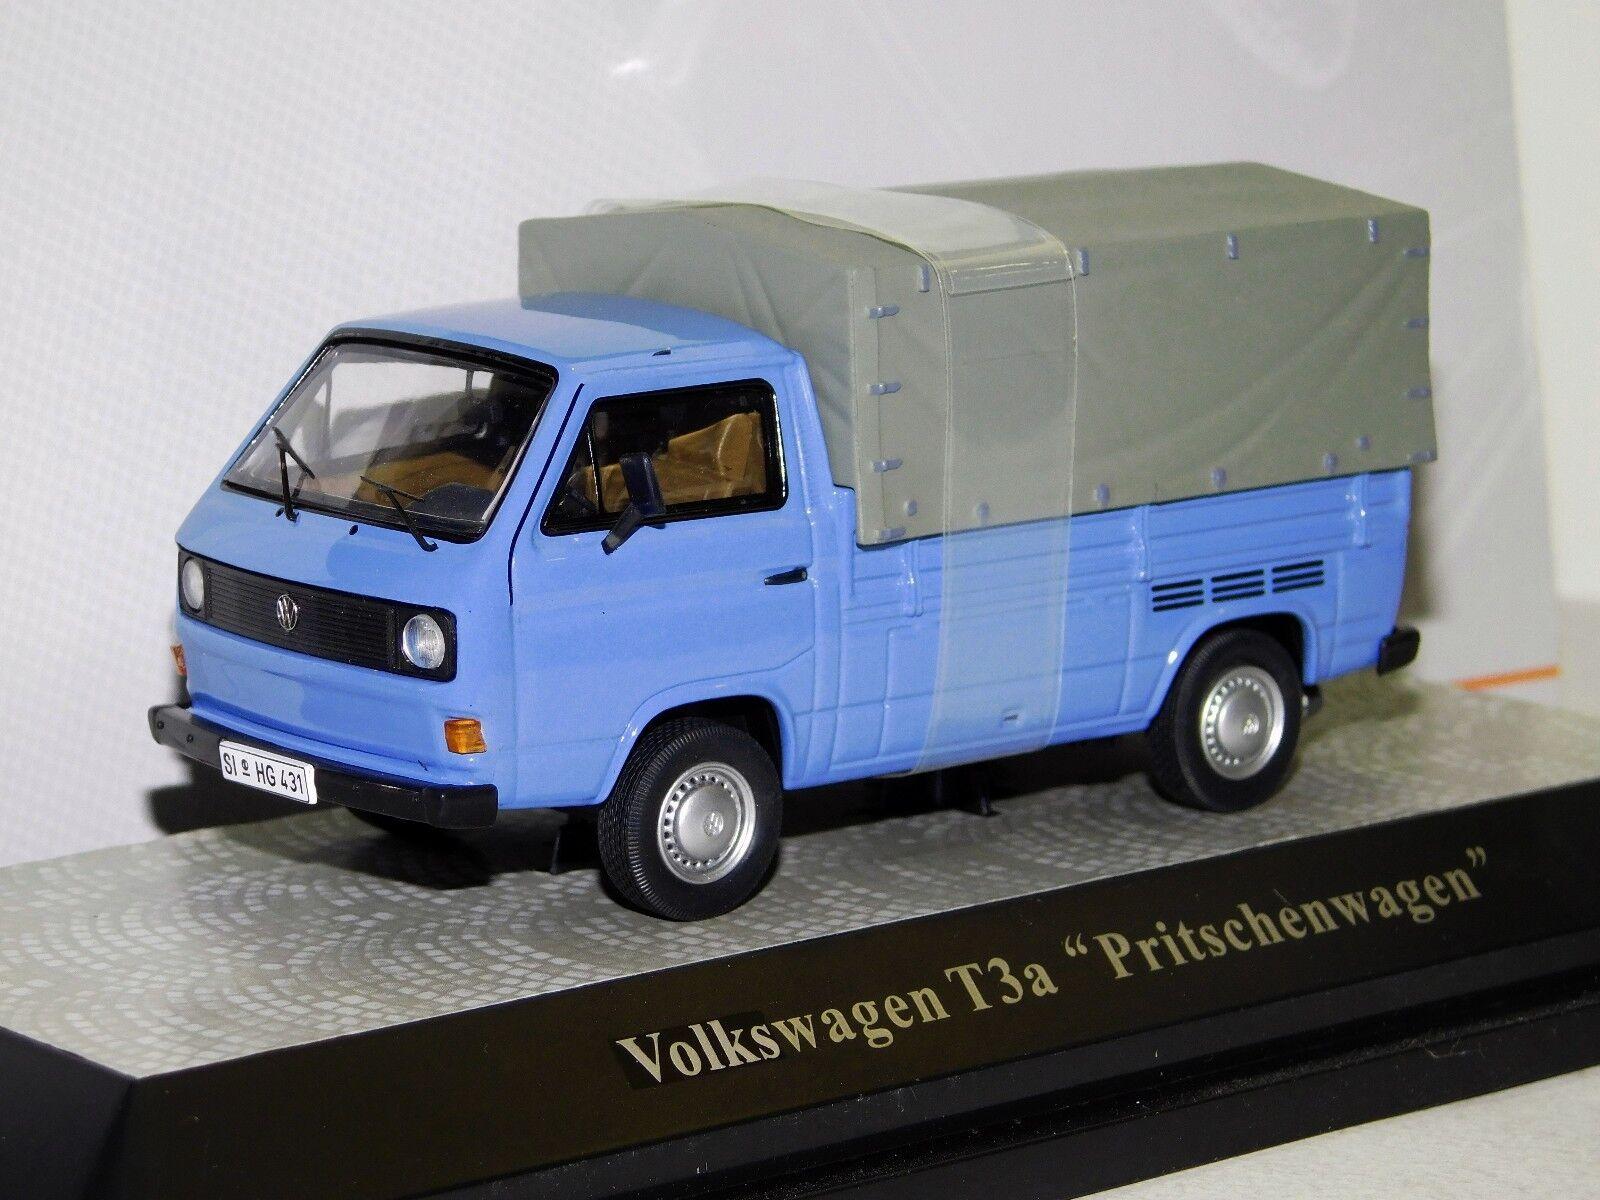 Volkswagen t3a mediumblau premium classixxs lim.11503 1   43